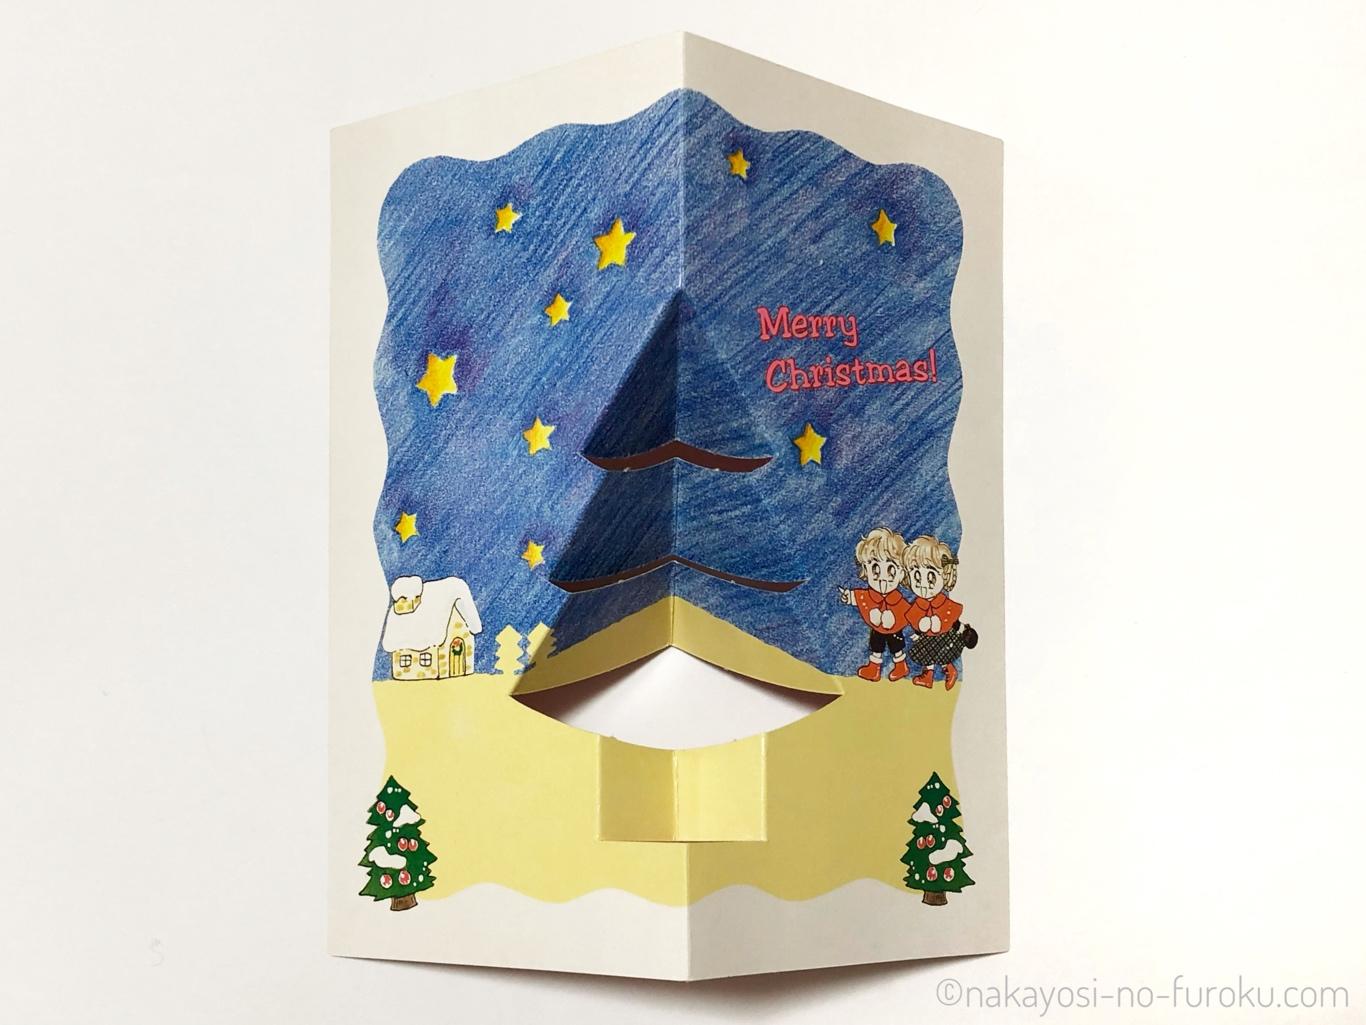 ミラクル☆ガールズ クリスマスポップアップメッセージ裏